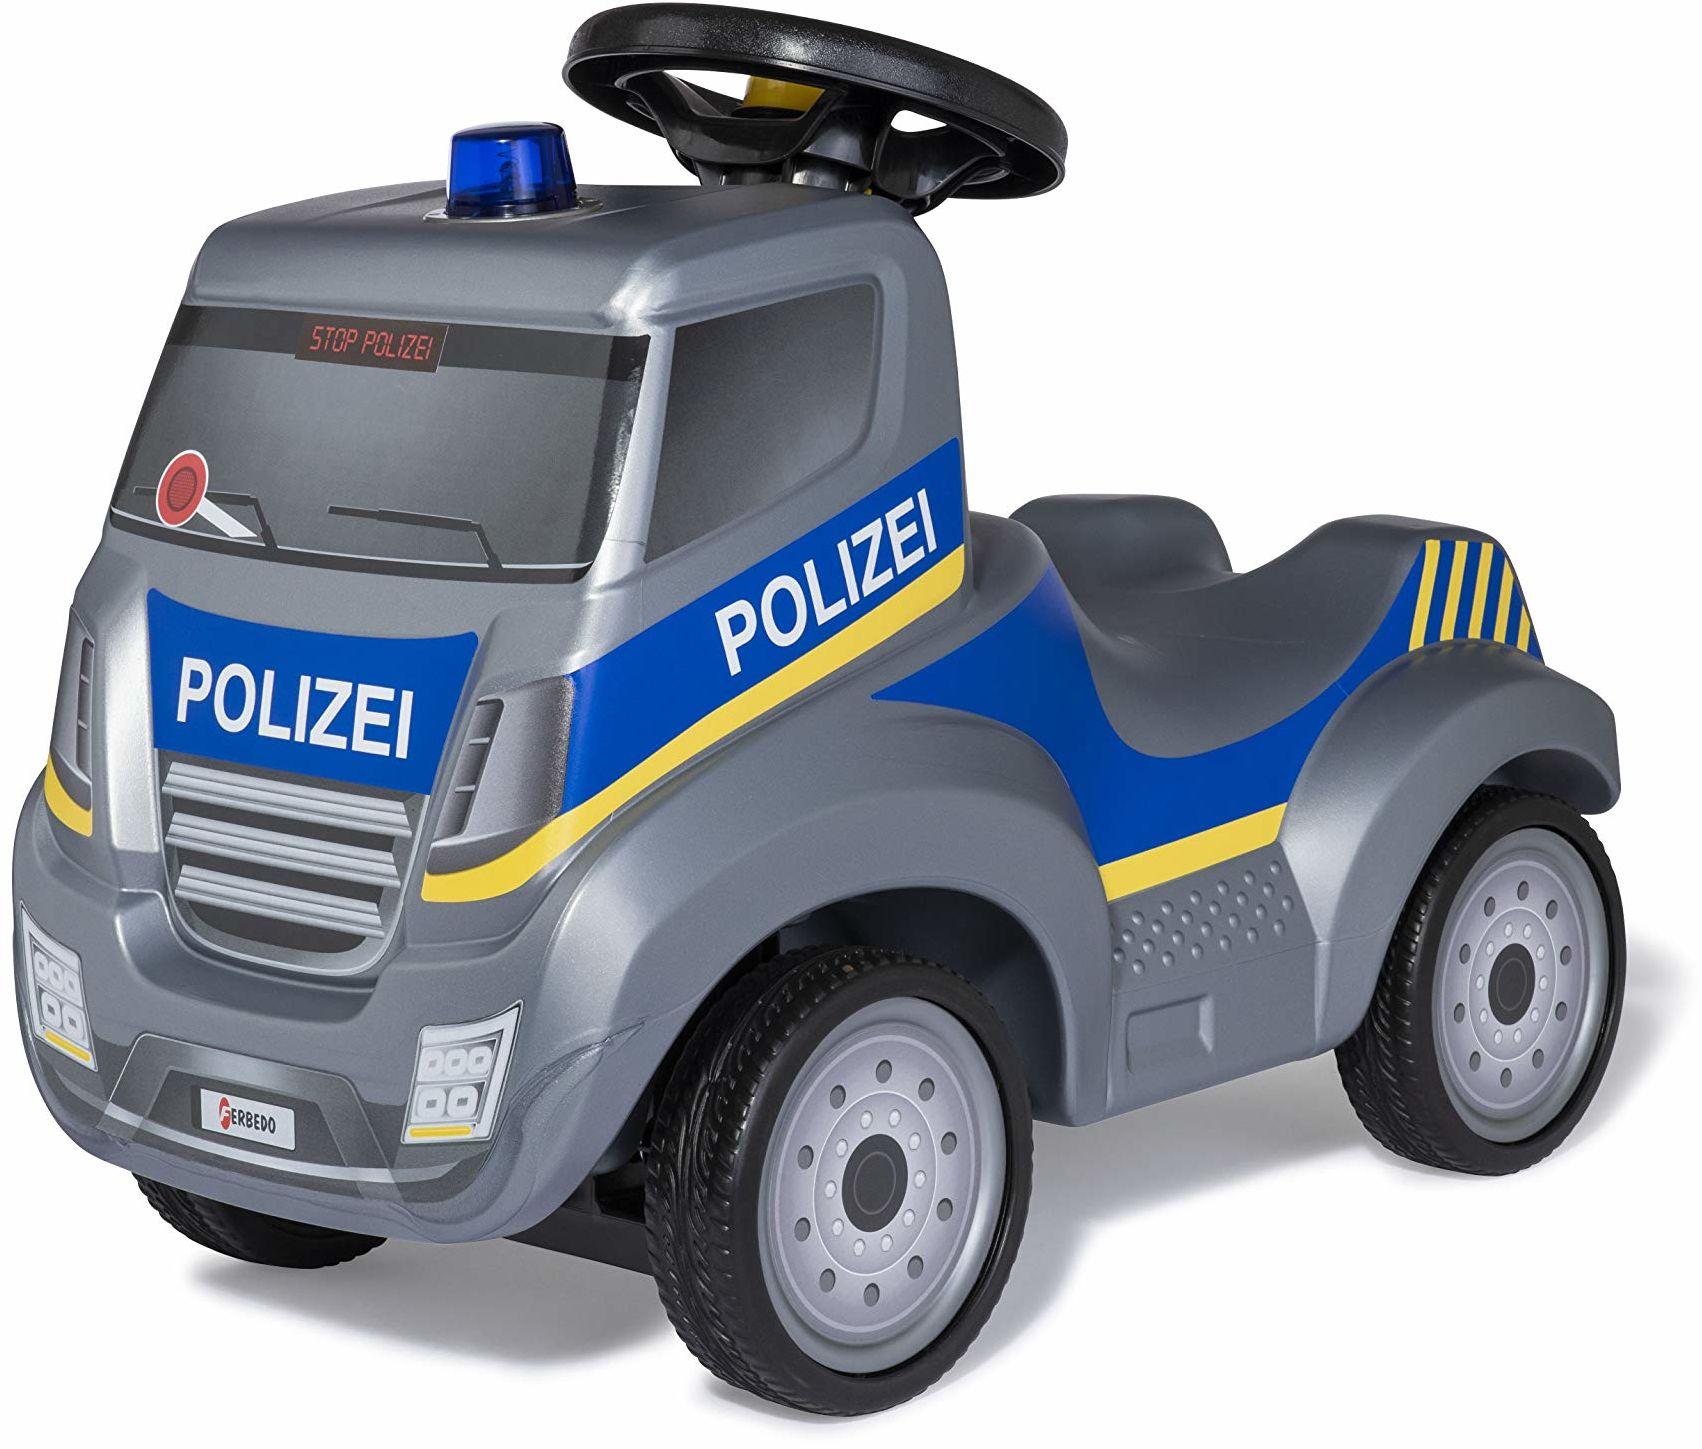 Ferbedo Policja zjeżdżalnia (zjeżdżalnia dla dzieci z niebieskim światłem + syrena, kierownica z klaksonem, pojazd policyjny z wgłębieniem na kolana, cicha opona biegowa) 171106